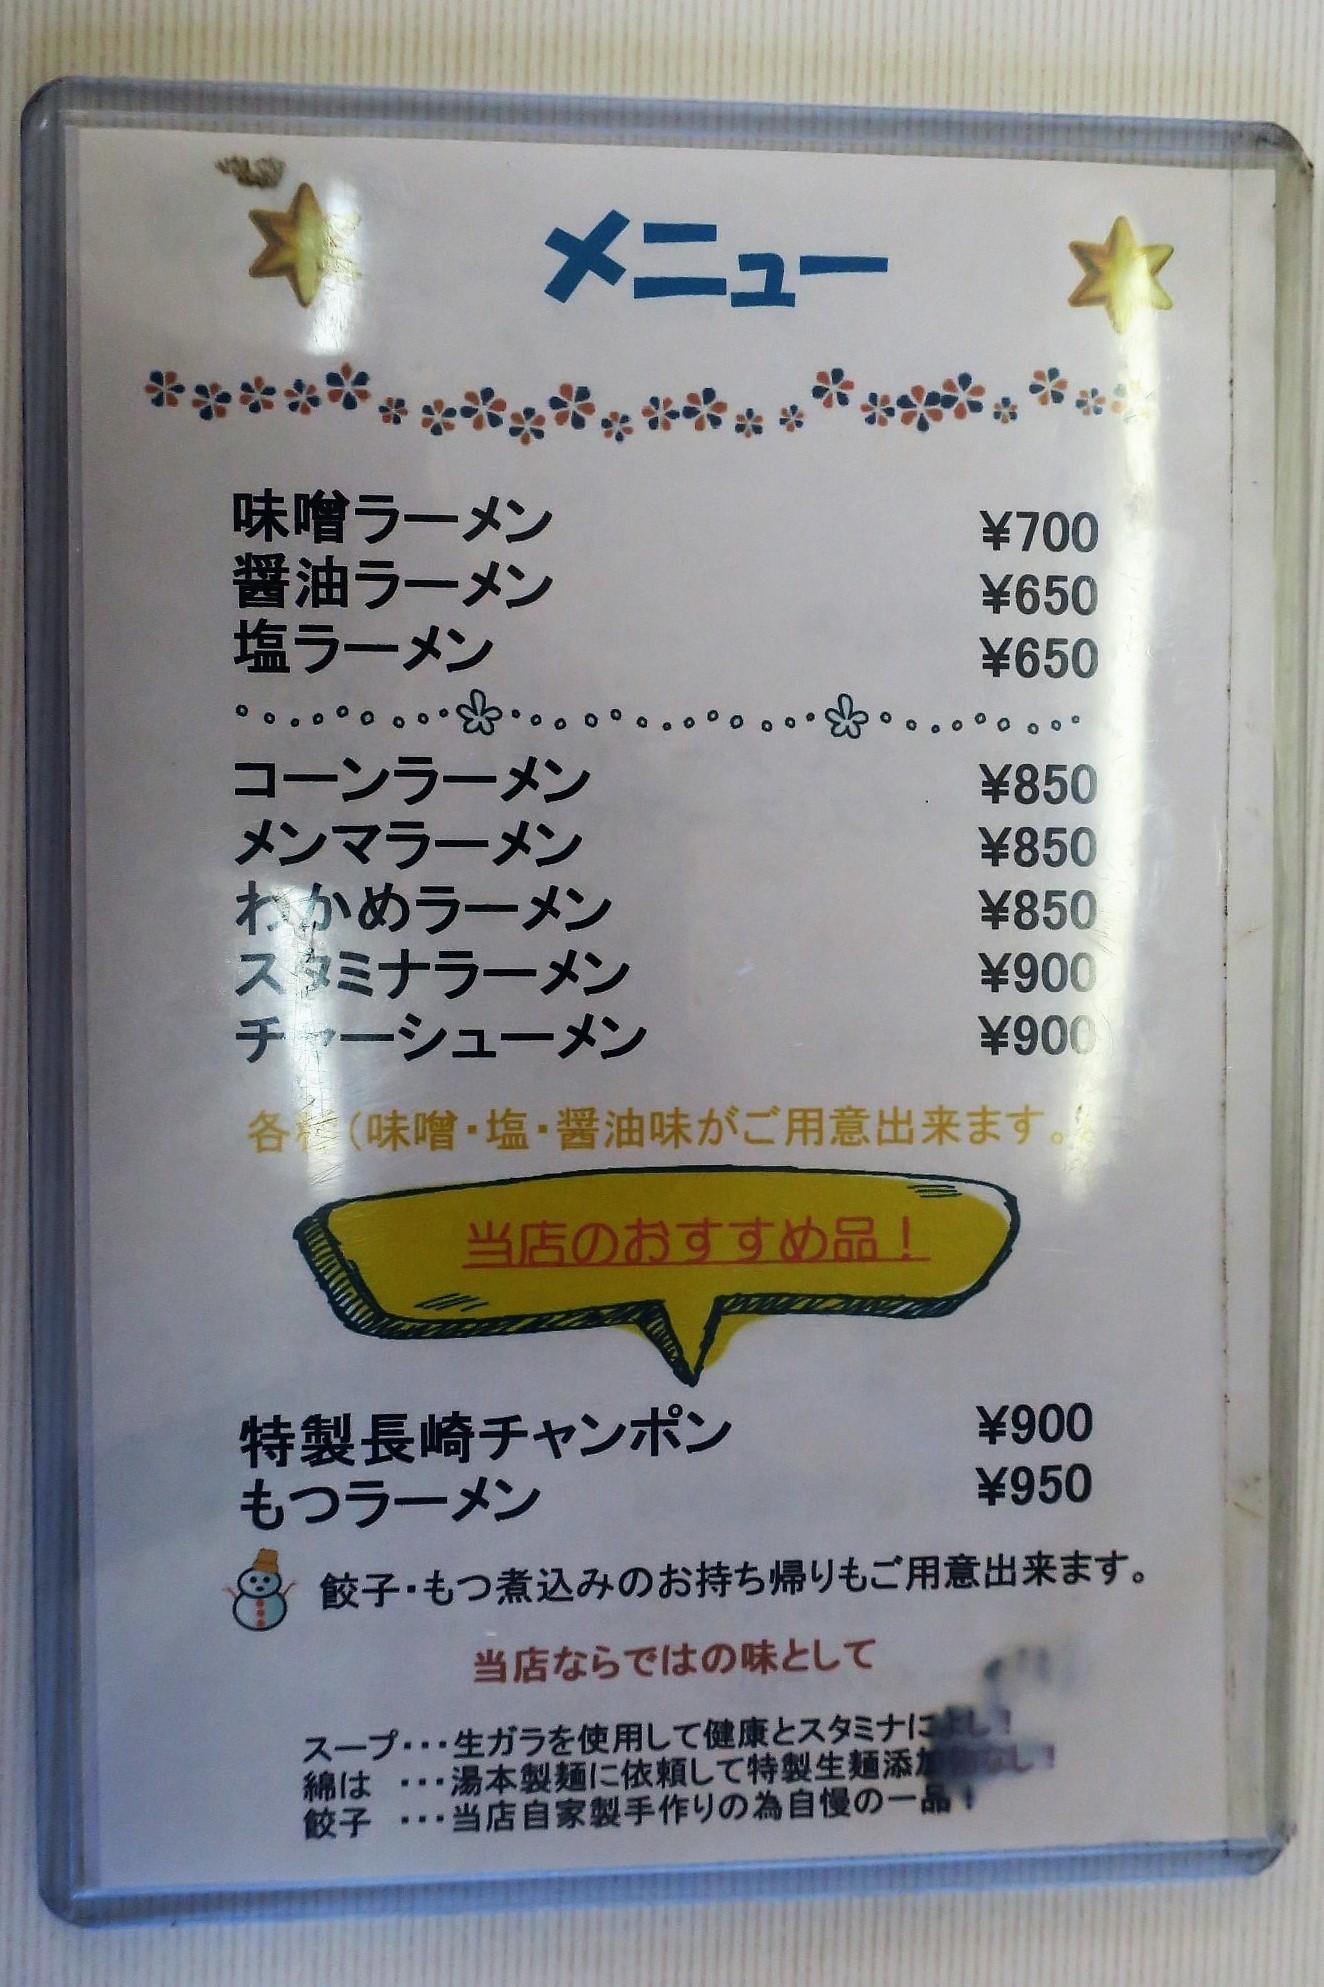 yukinko906